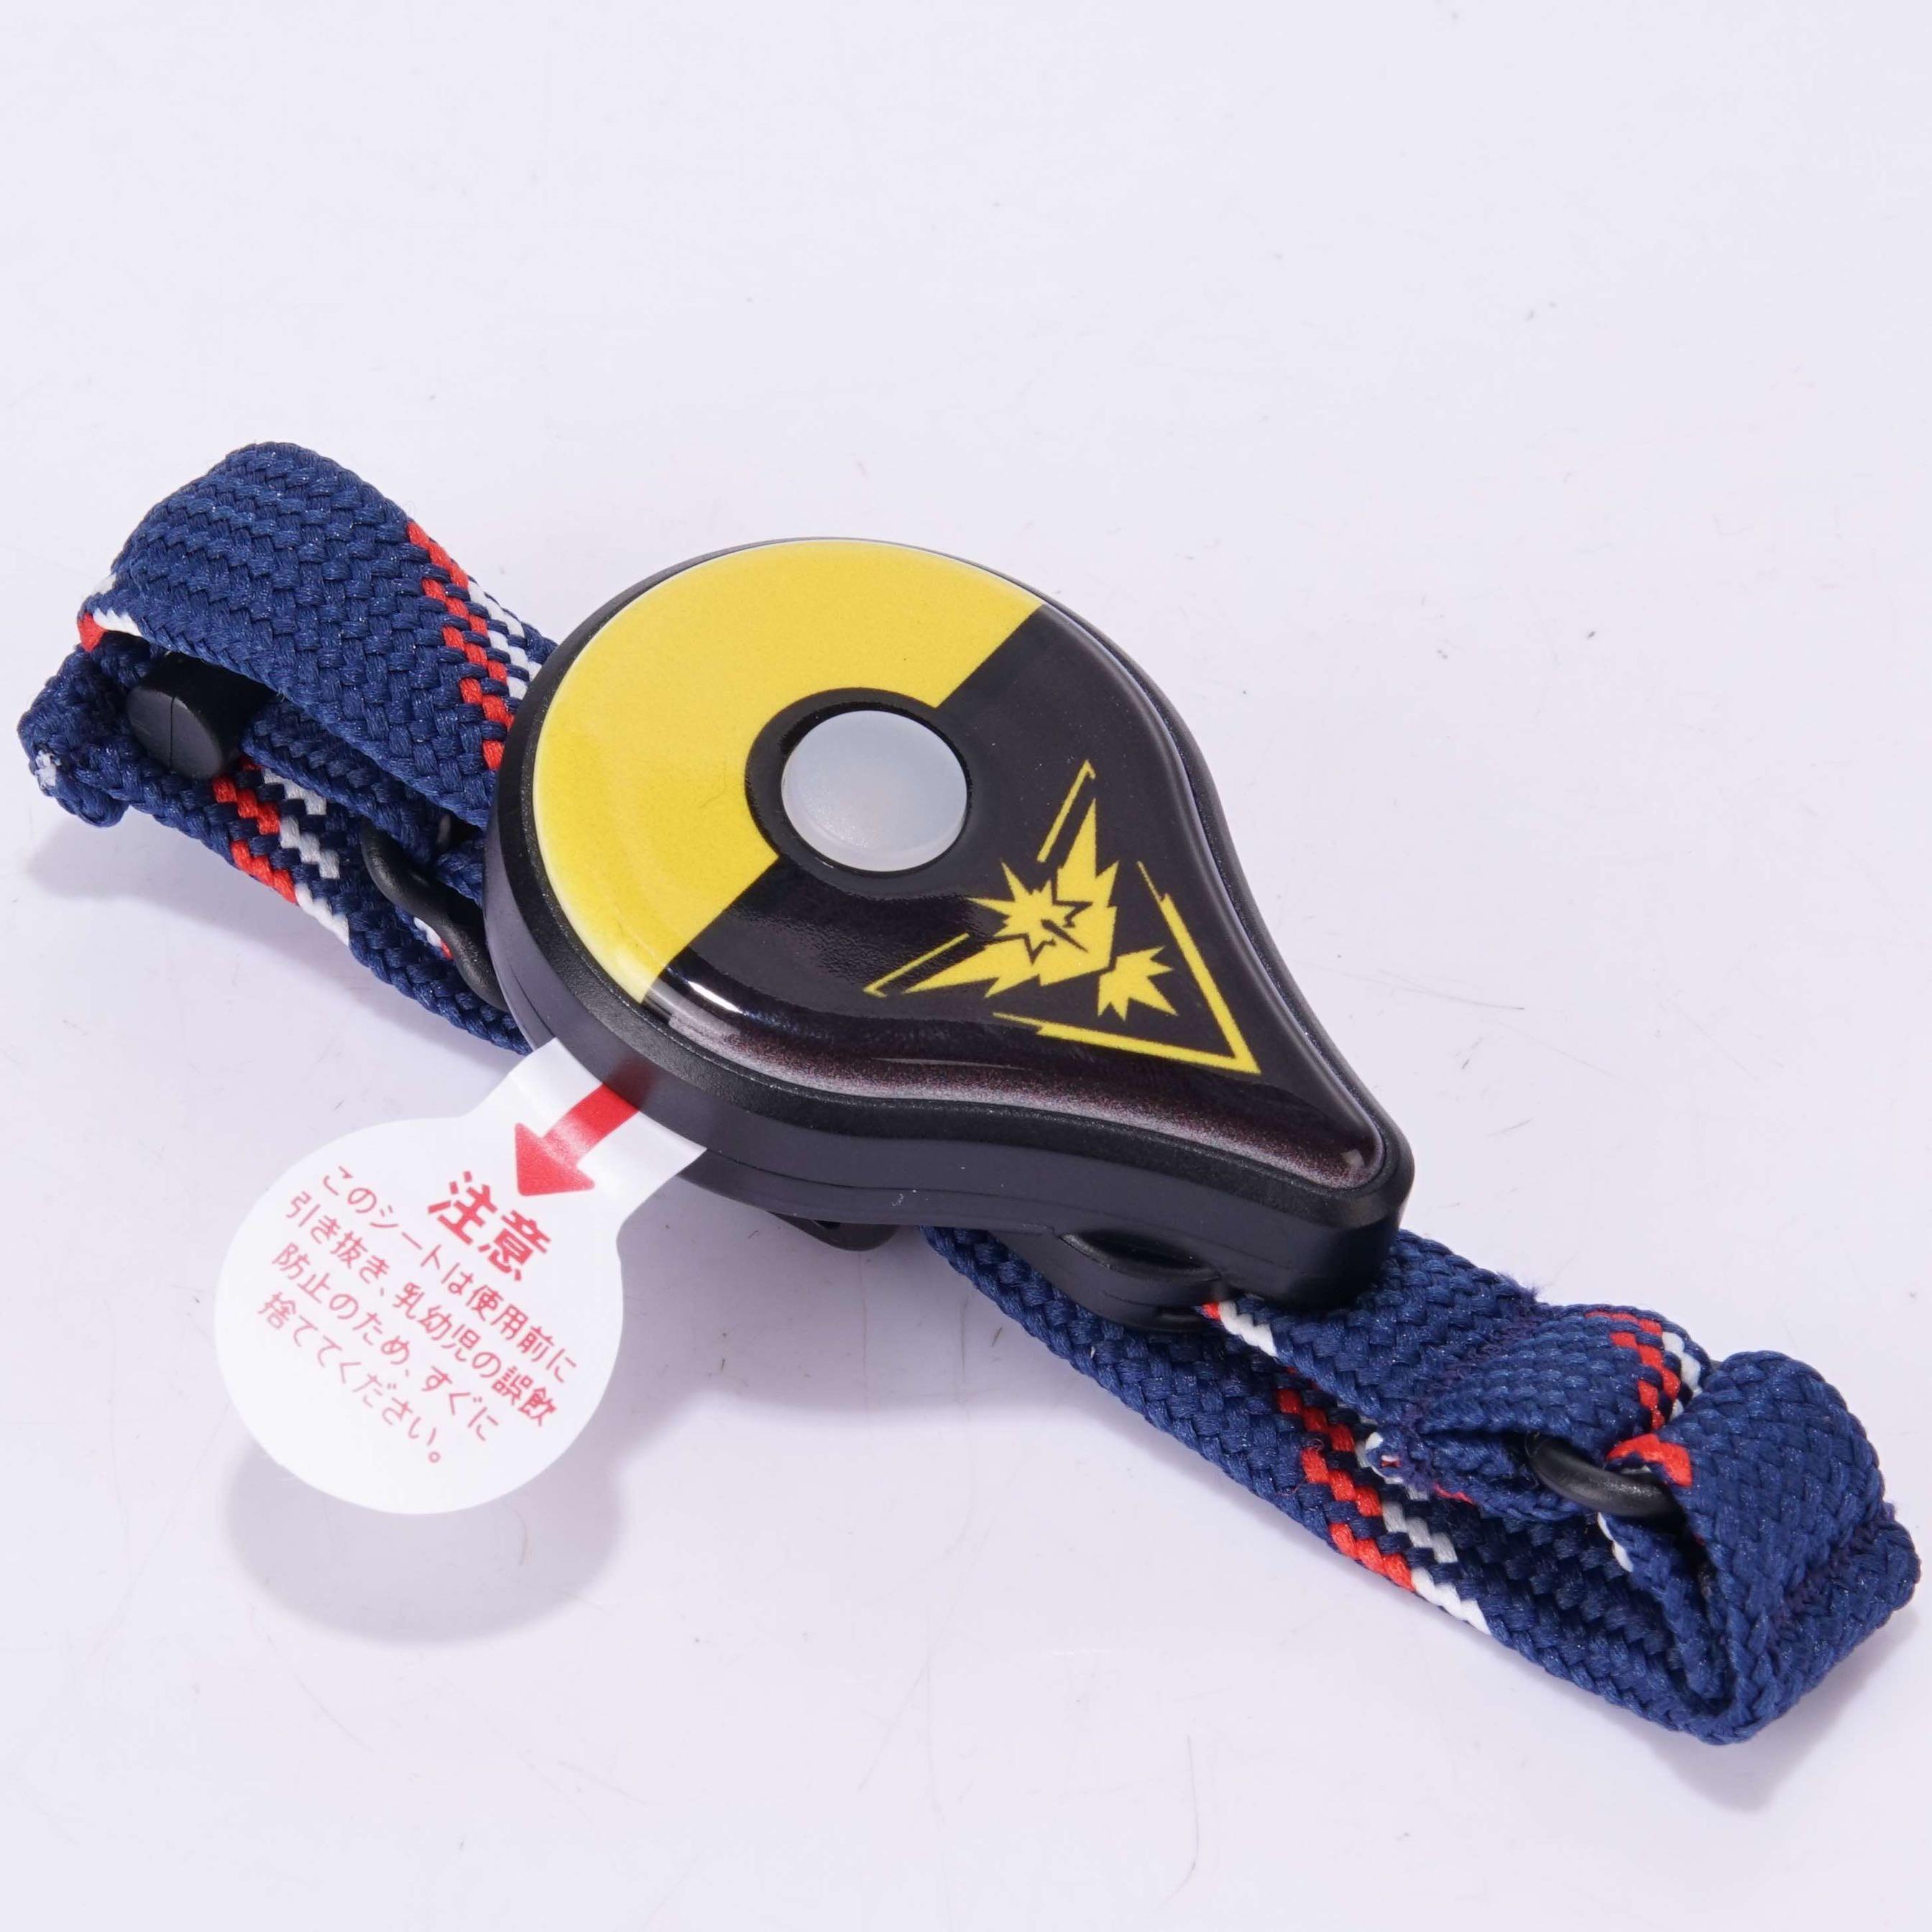 포켓몬고 플러스 포고플 포켓몬GO Plus 자동 개조버전 모바일 게임 액세서리, 색상, 검정색과 노란색 자동